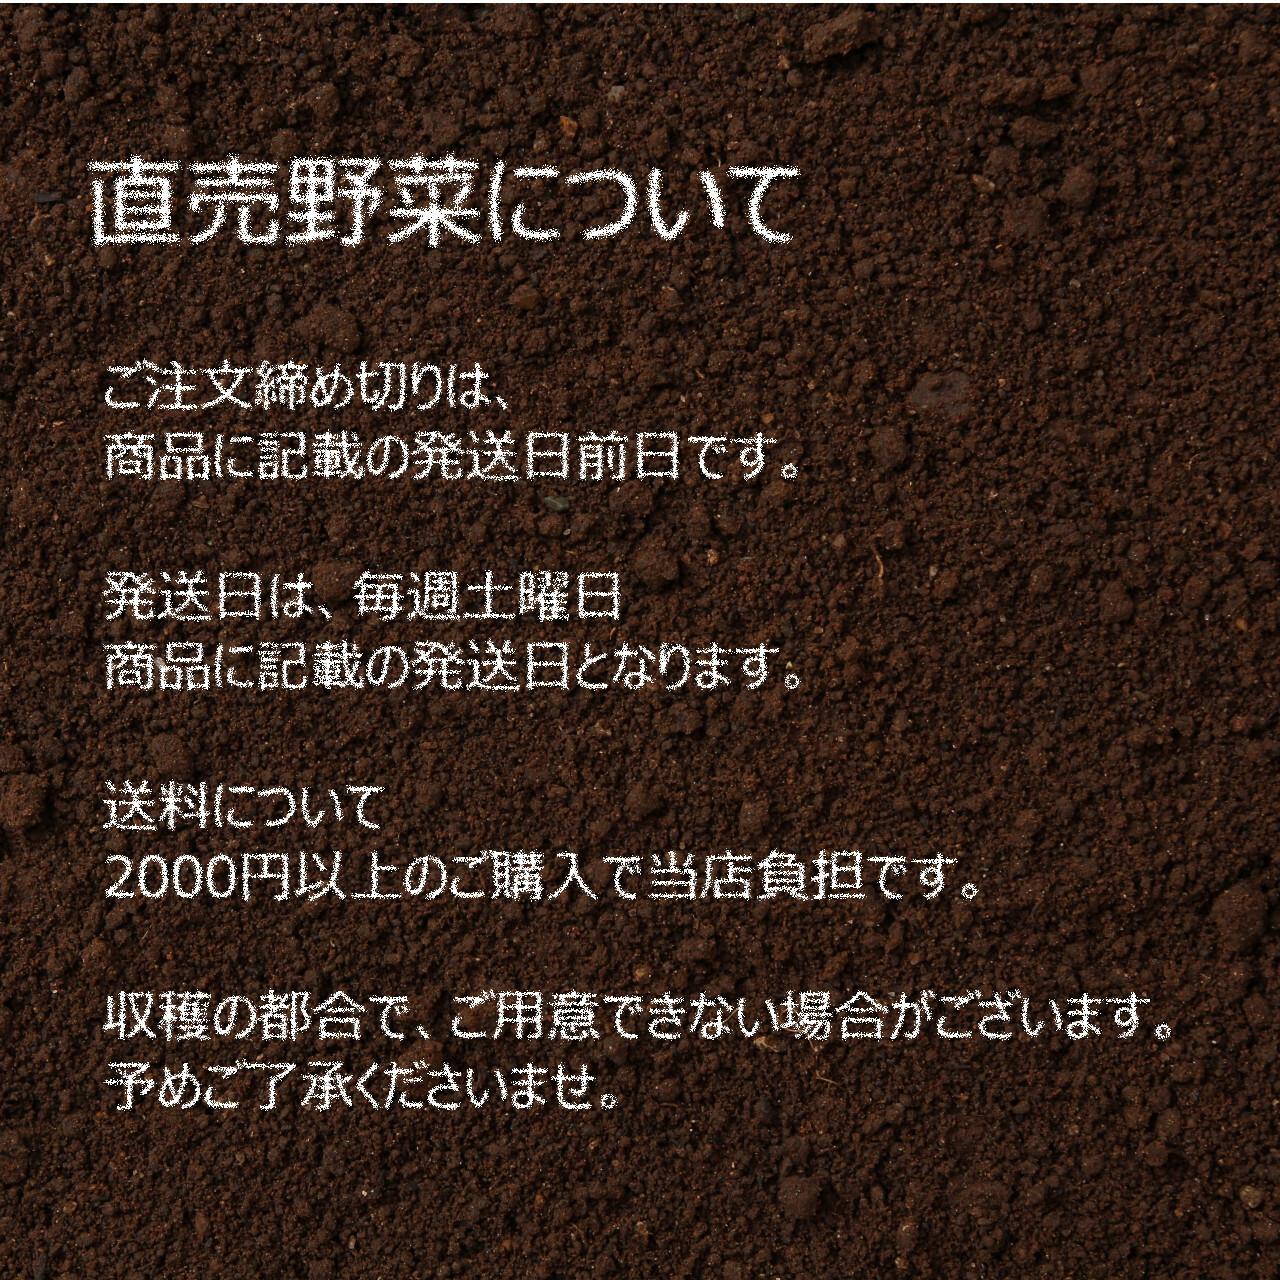 6月の朝採り直売野菜 : ニンニク 約3~4個 6月27日発送予定